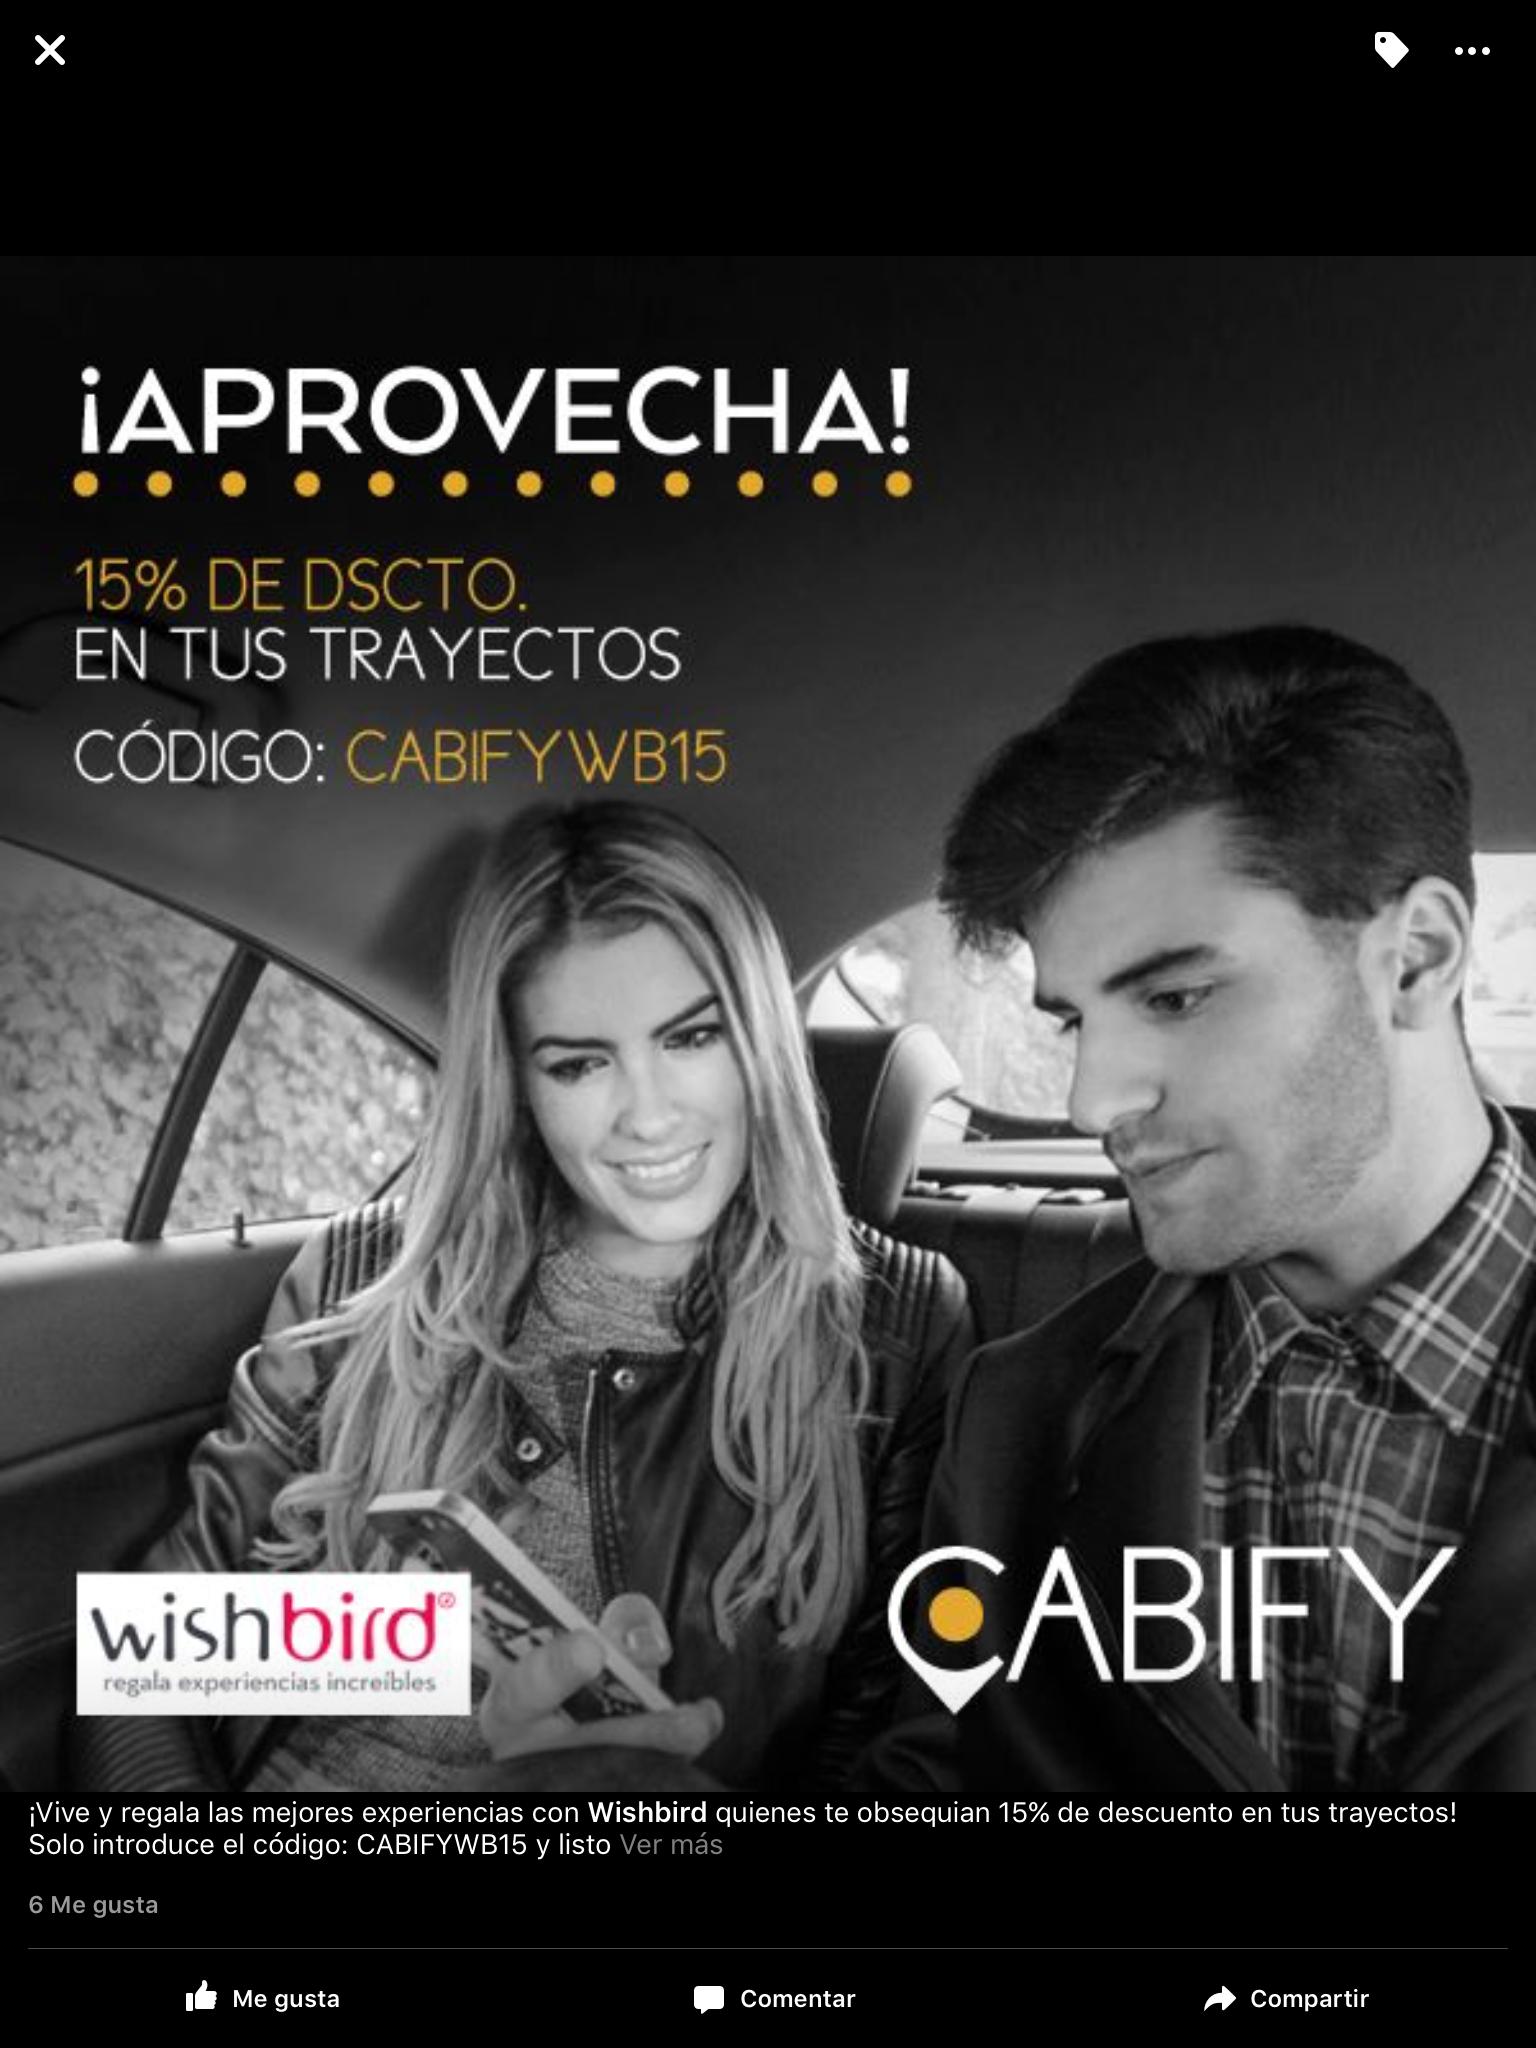 Cabify: 15% de descuento en trayectos con cupon CABIFYWB15